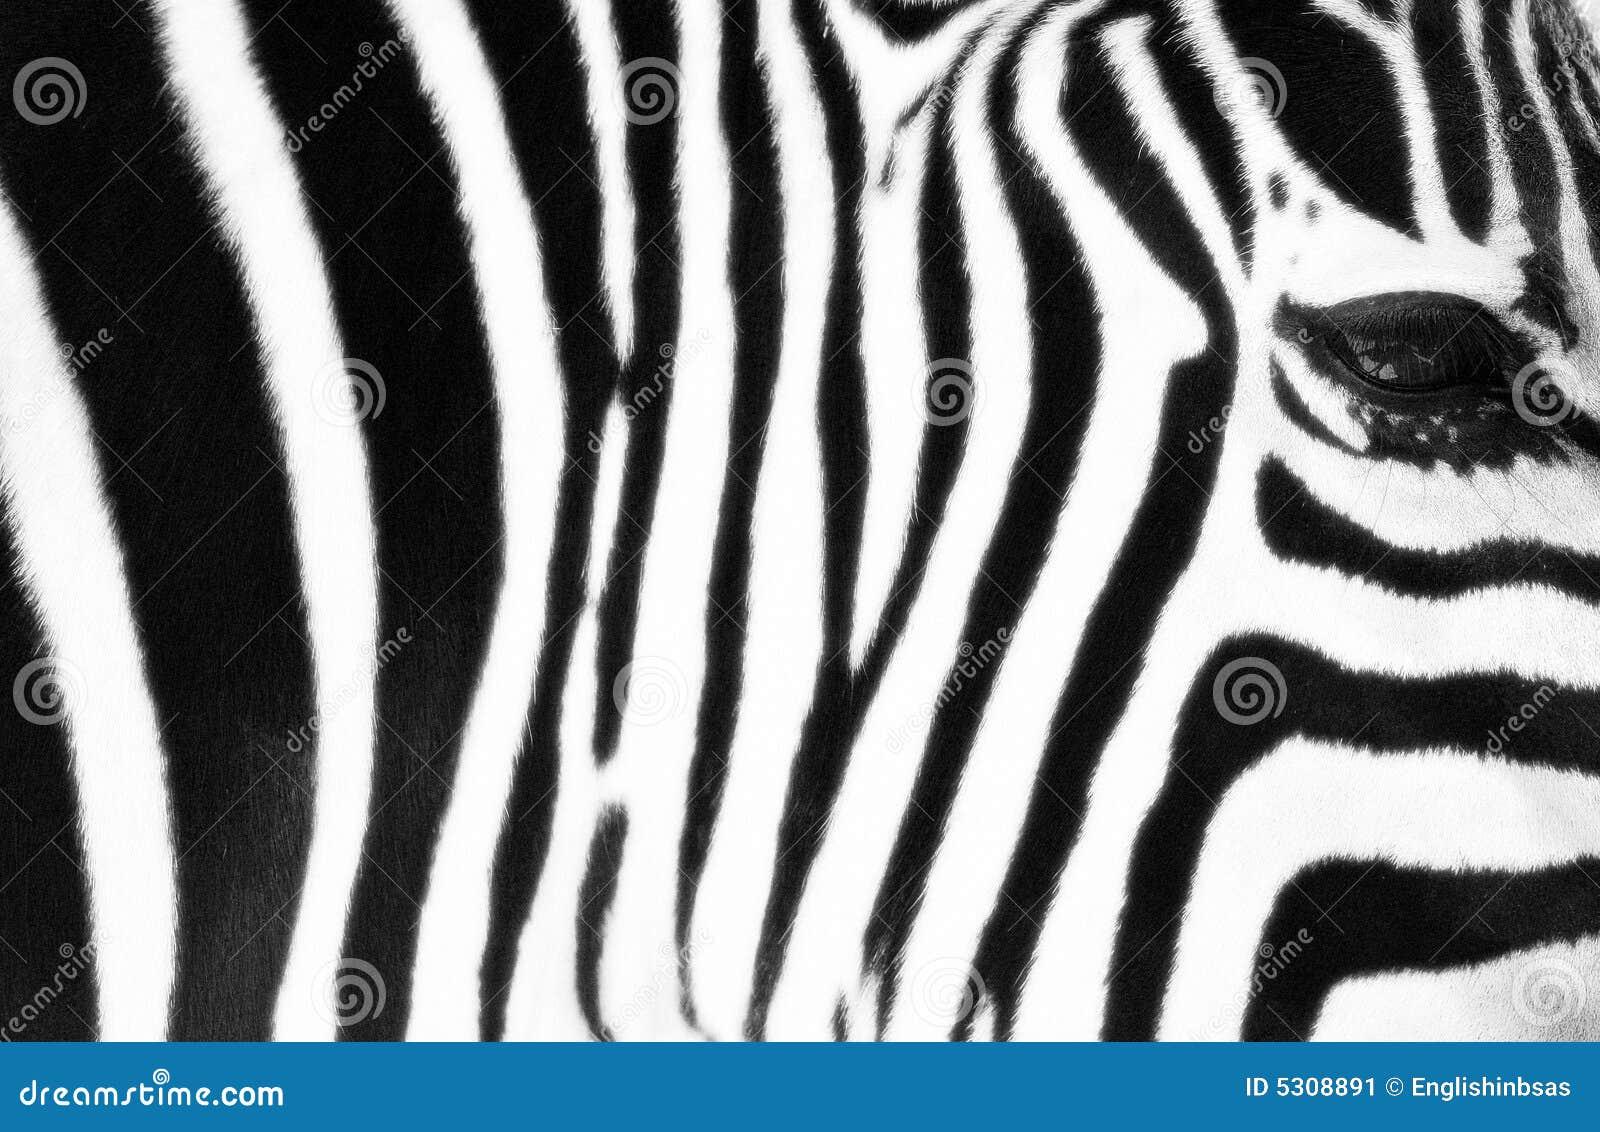 Download Zebra a strisce immagine stock. Immagine di naturalizzato - 5308891